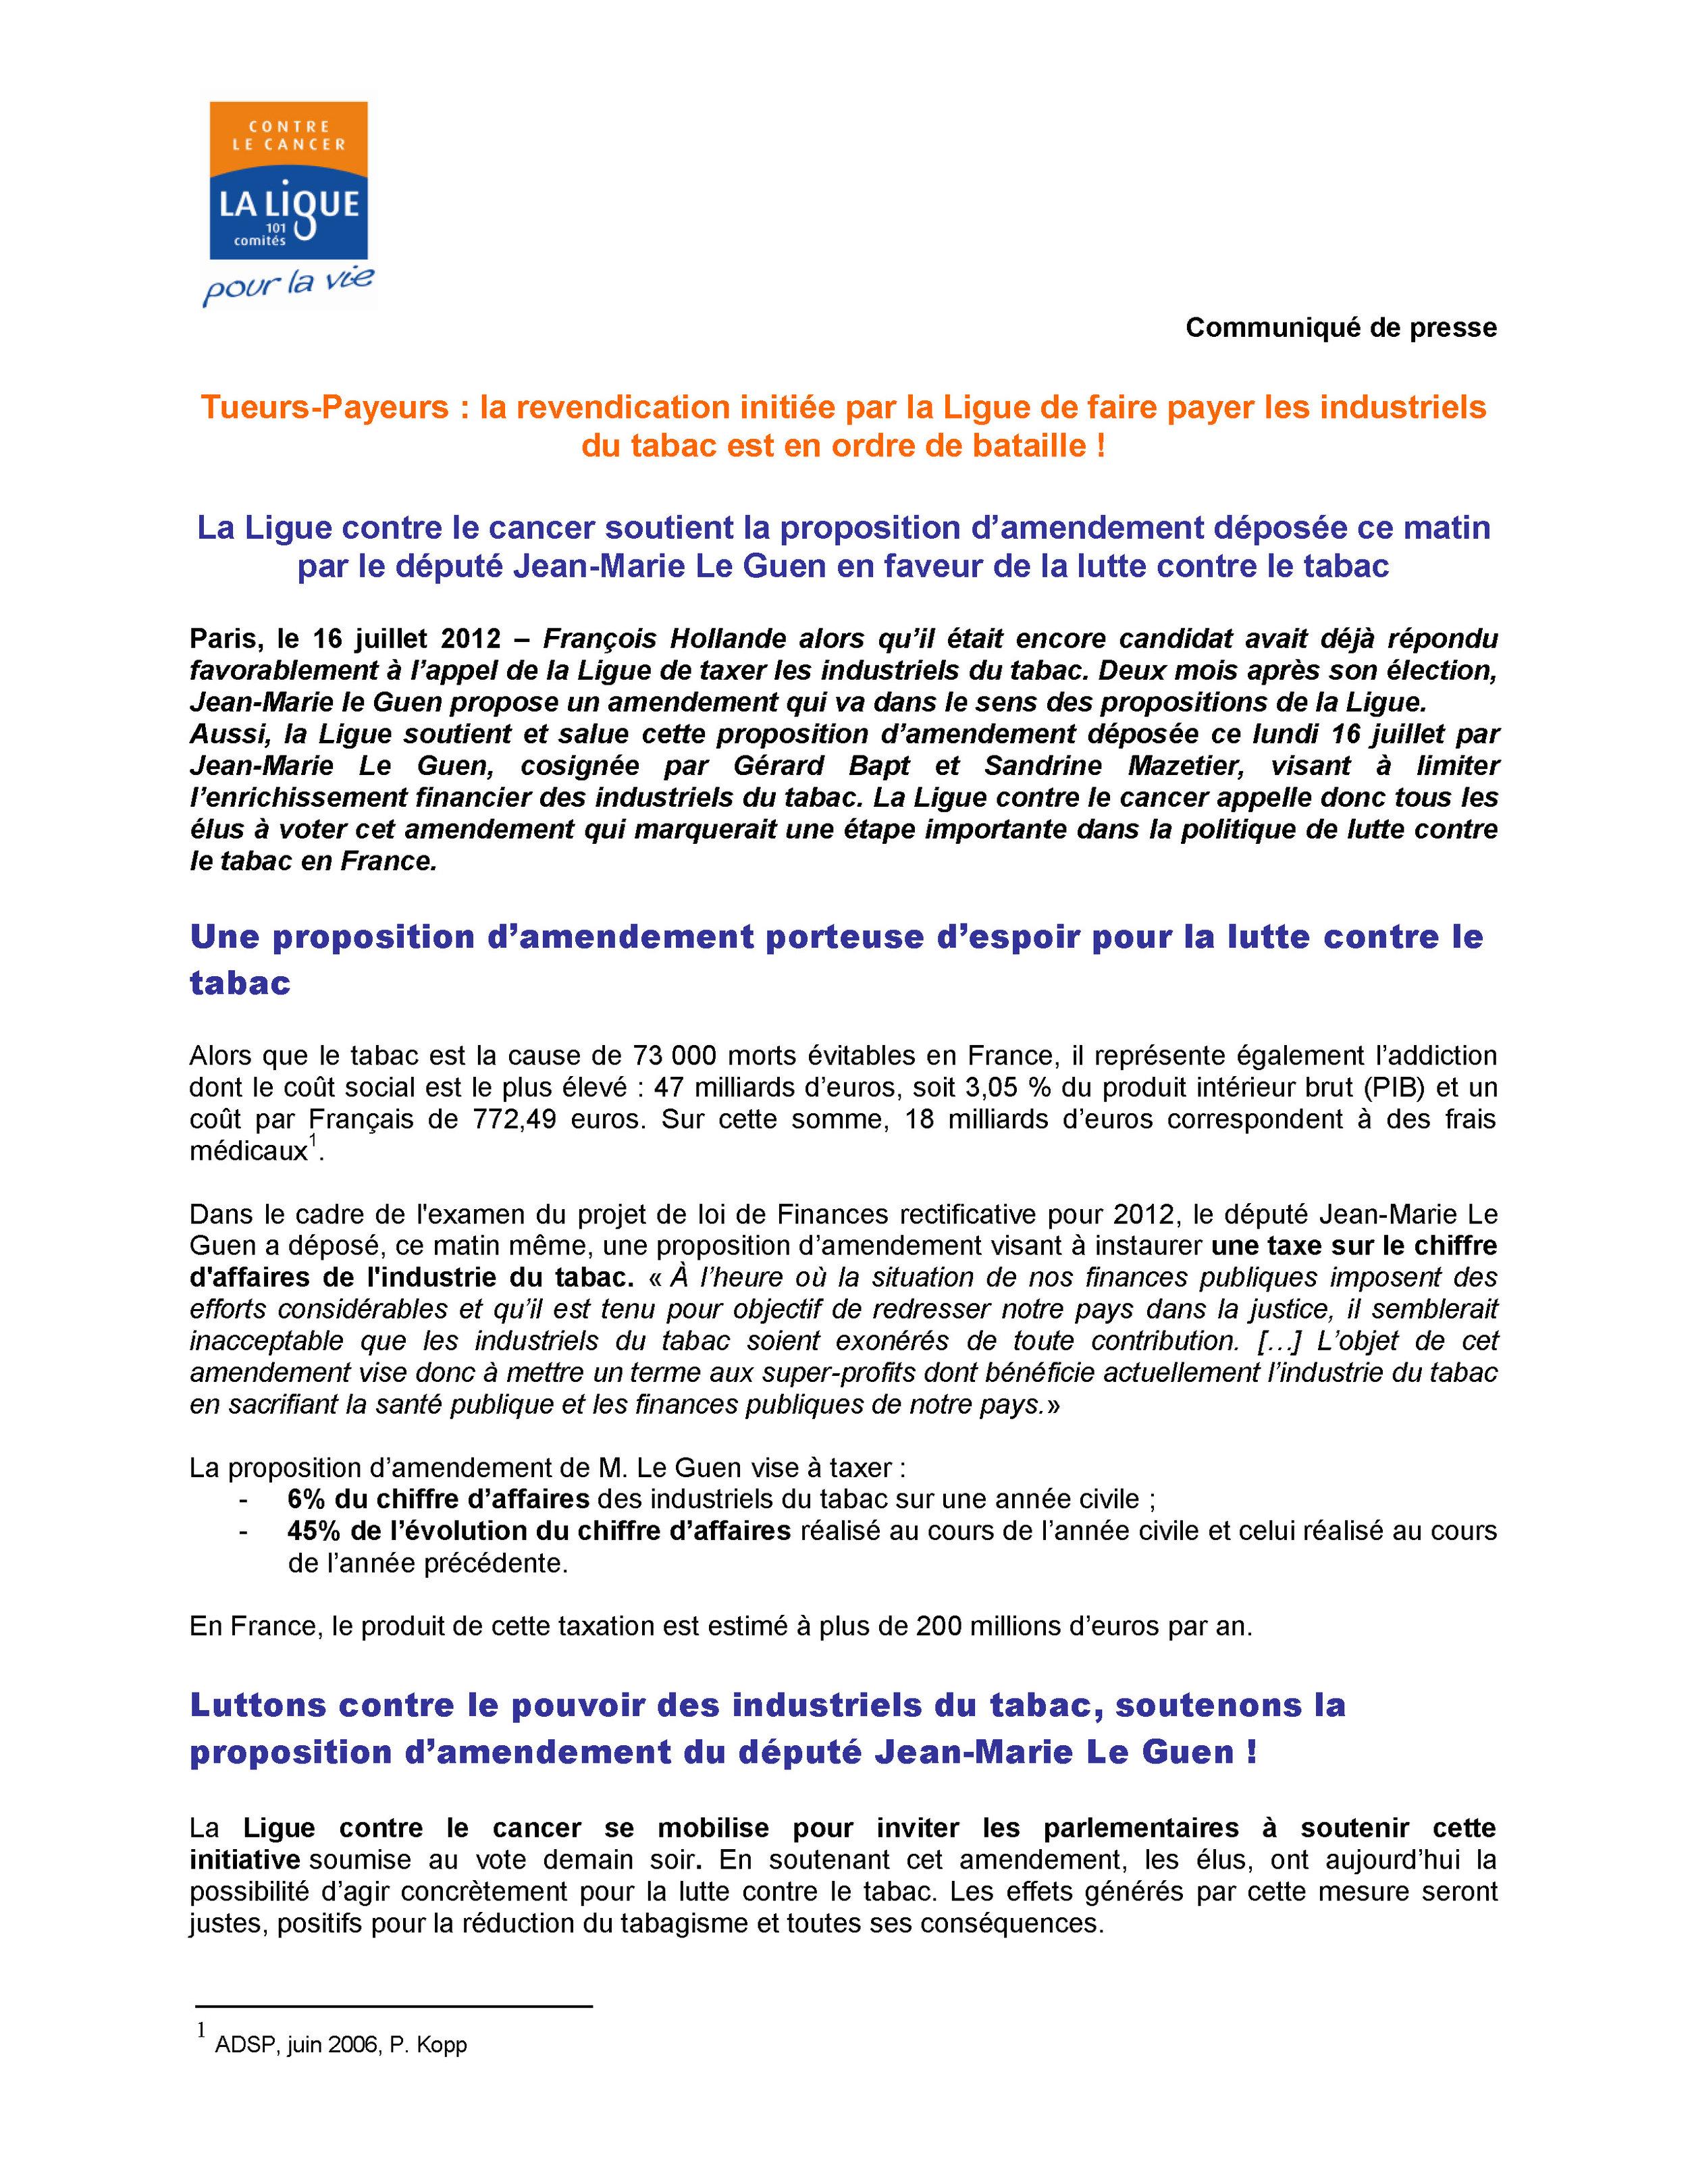 LNCC-CP_amendement-j-m-le-guen-16juil2012_Page_1.jpg